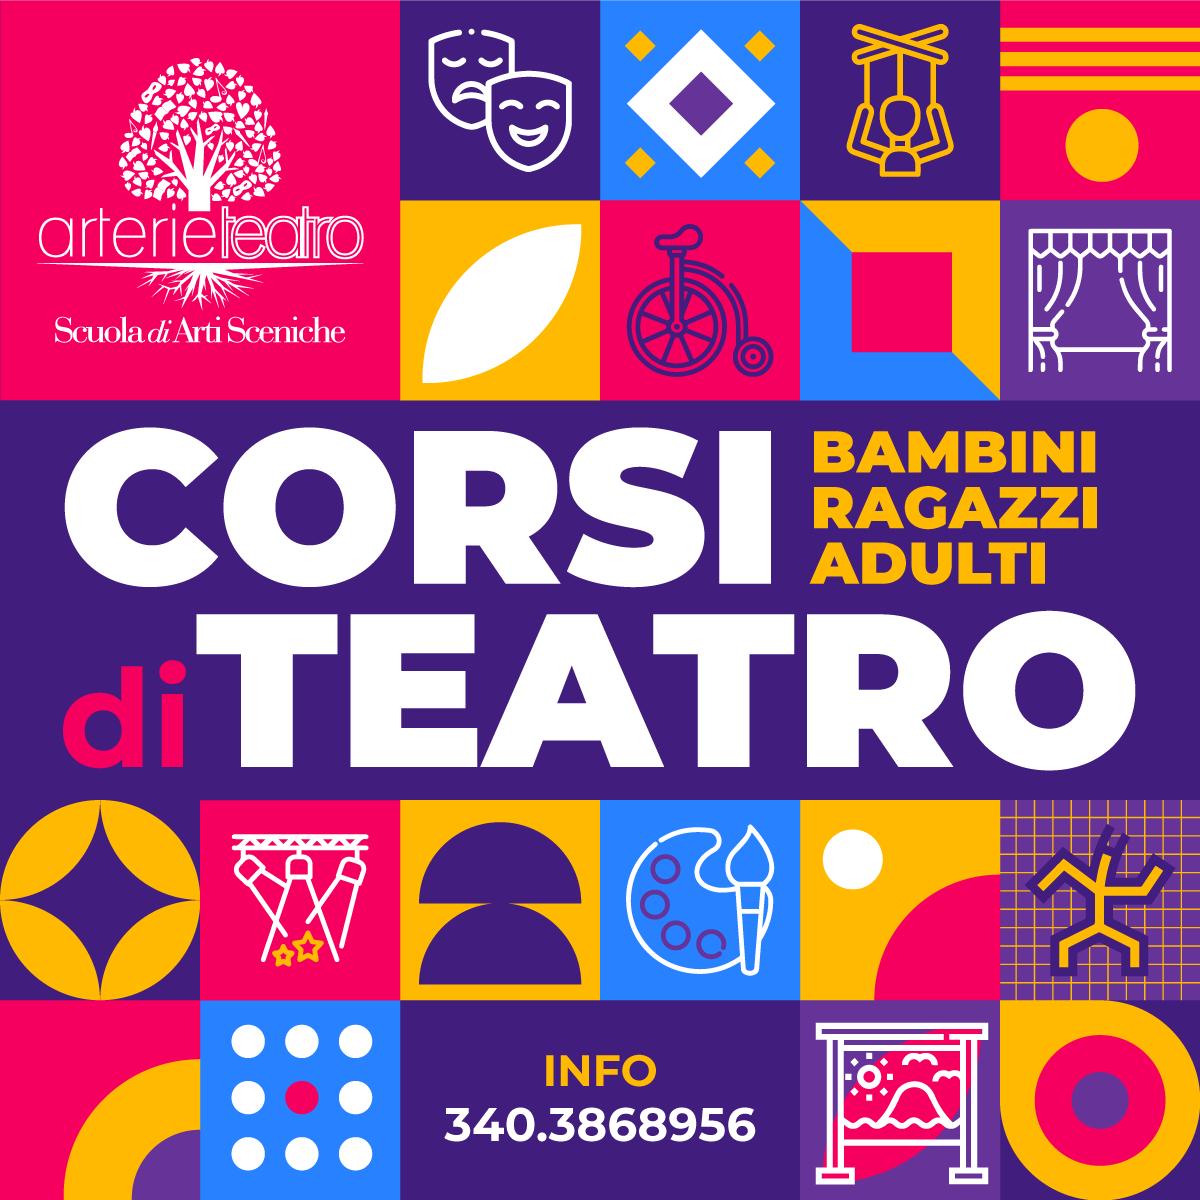 Scuola di Arti Sceniche Arterie Teatro - Corsi di Teatro a Molfetta e Cerignola